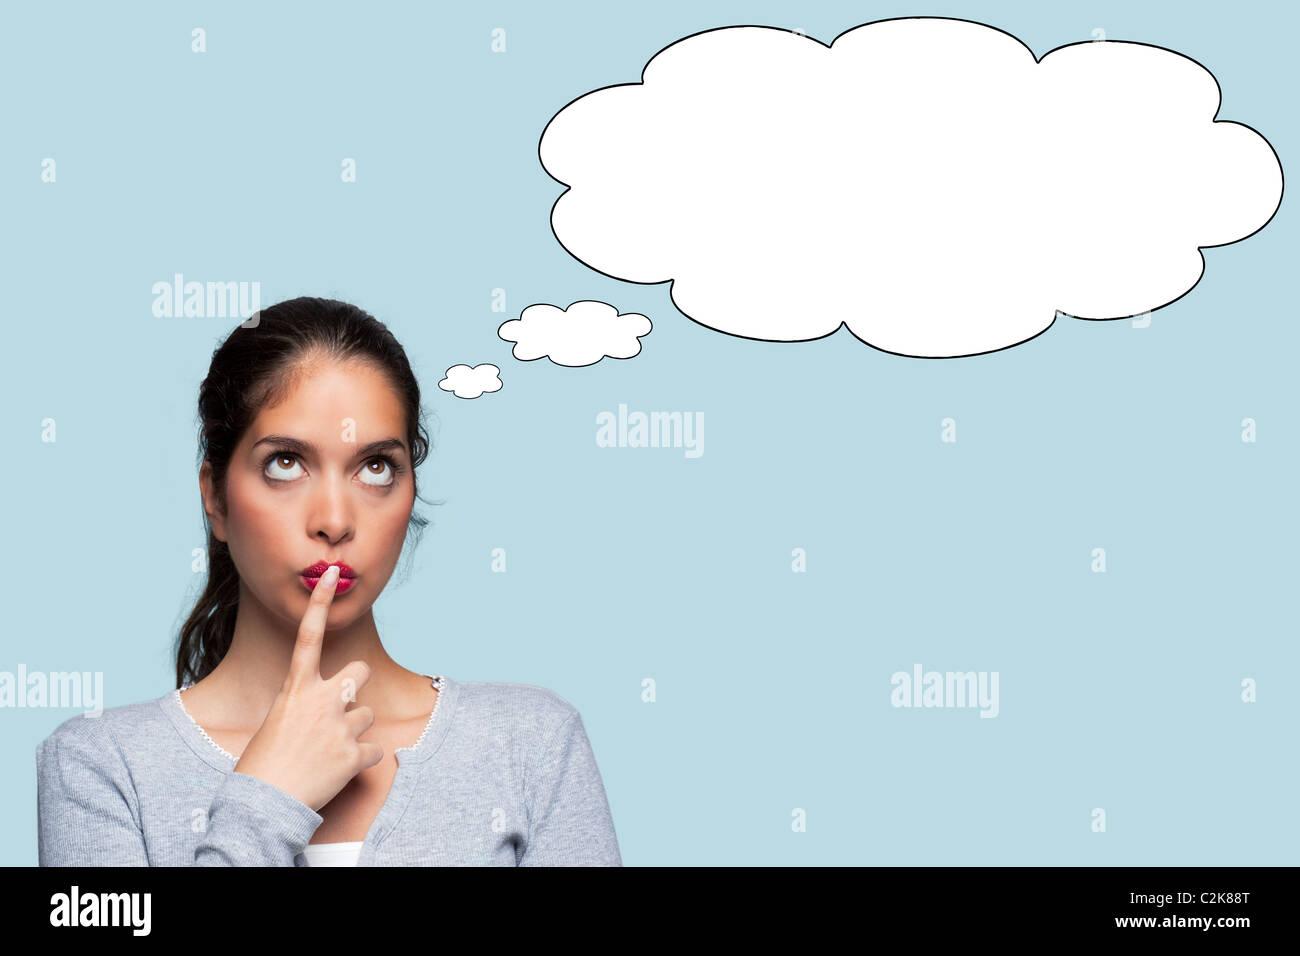 Photo d'une femme avec un air pensif, bulles d'ajouter votre propre texte ou image. Photo Stock